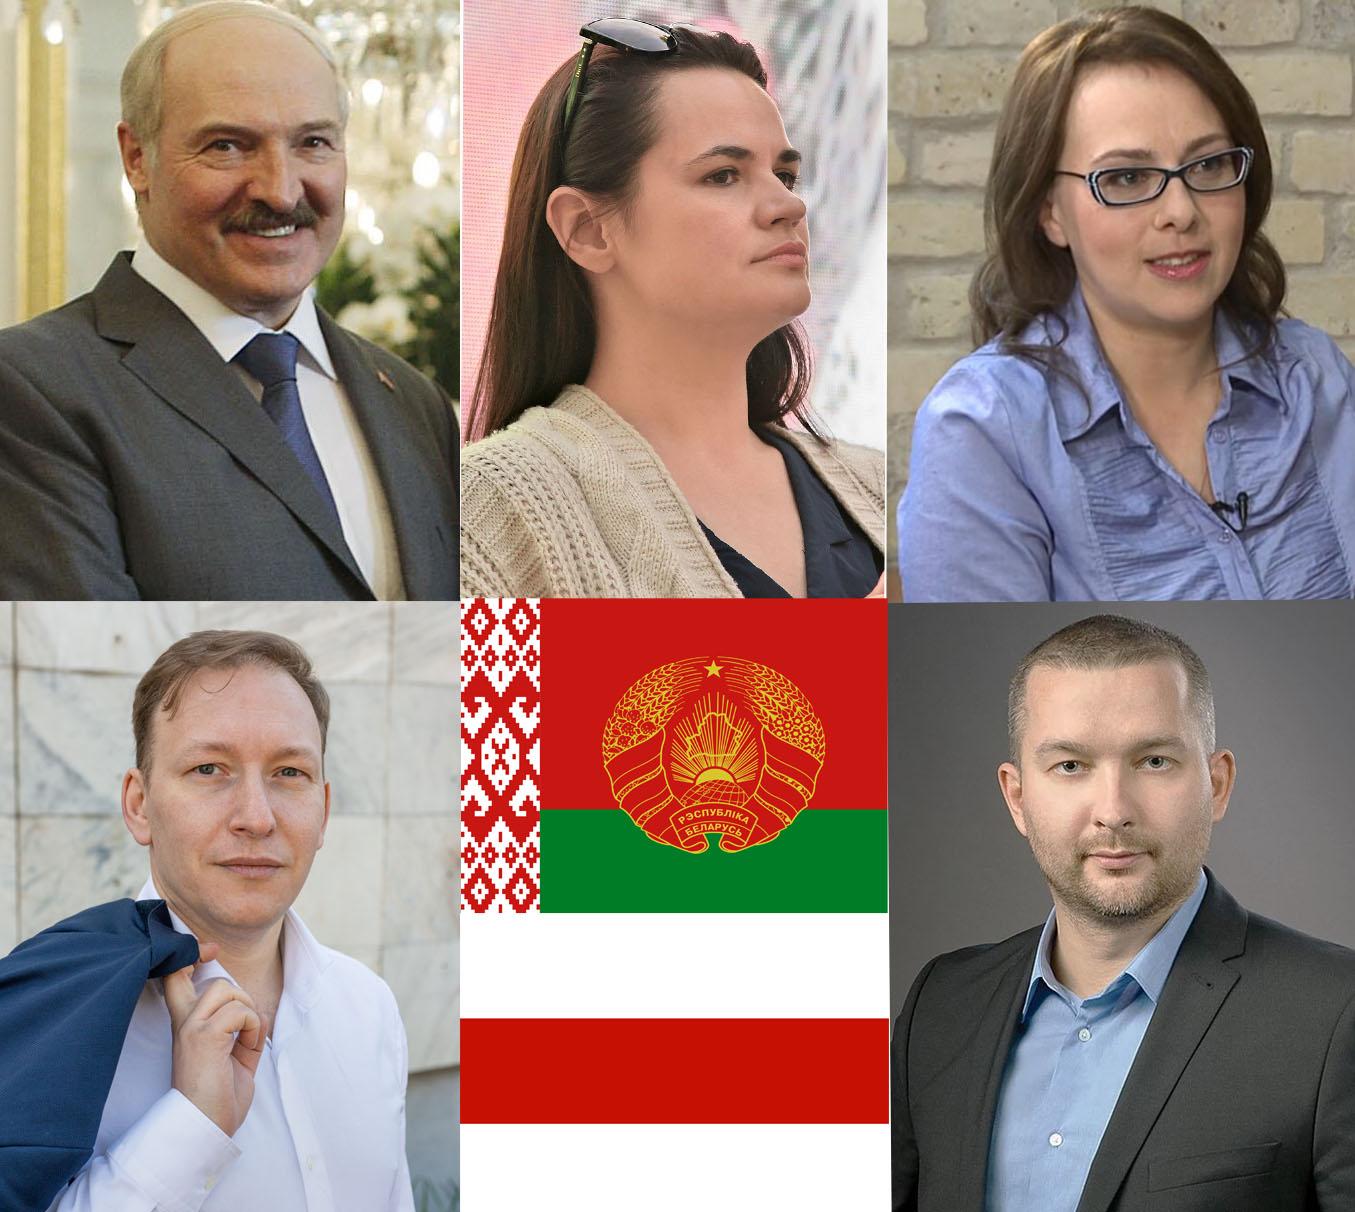 Kandidatai į Baltarusijos prezidentus 2020 m.: Aleksandras Lukašenka, Svetlana Tichanovskaja, Anna Konopackaja, Andrejus Dmitrevas, Sergejus Čerčenis | Alkas.lt koliažas